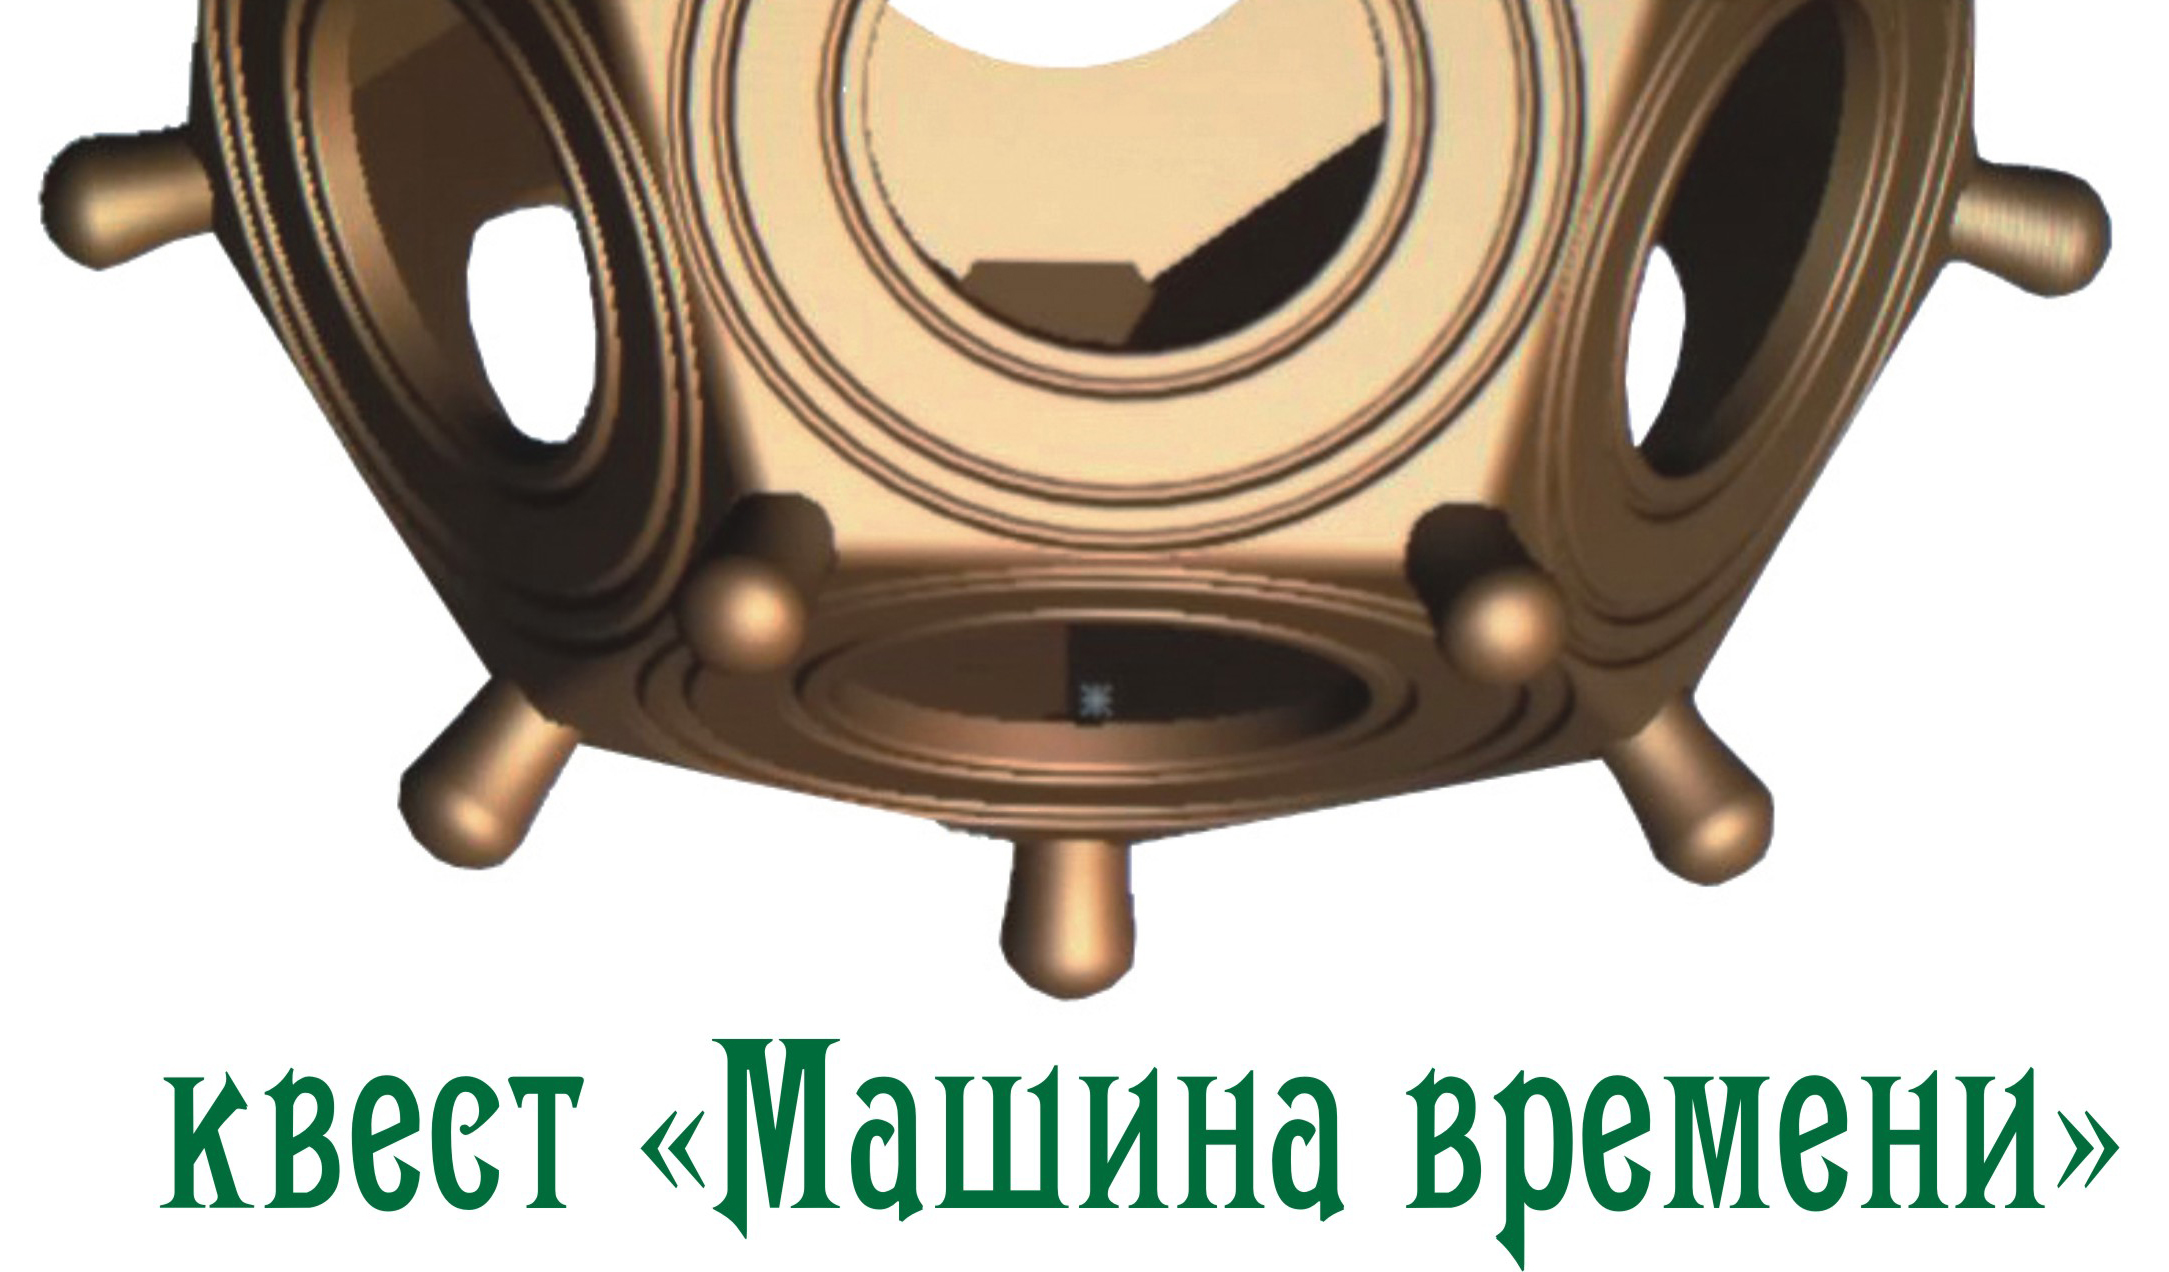 сертификат ростовского квеста Машина времени